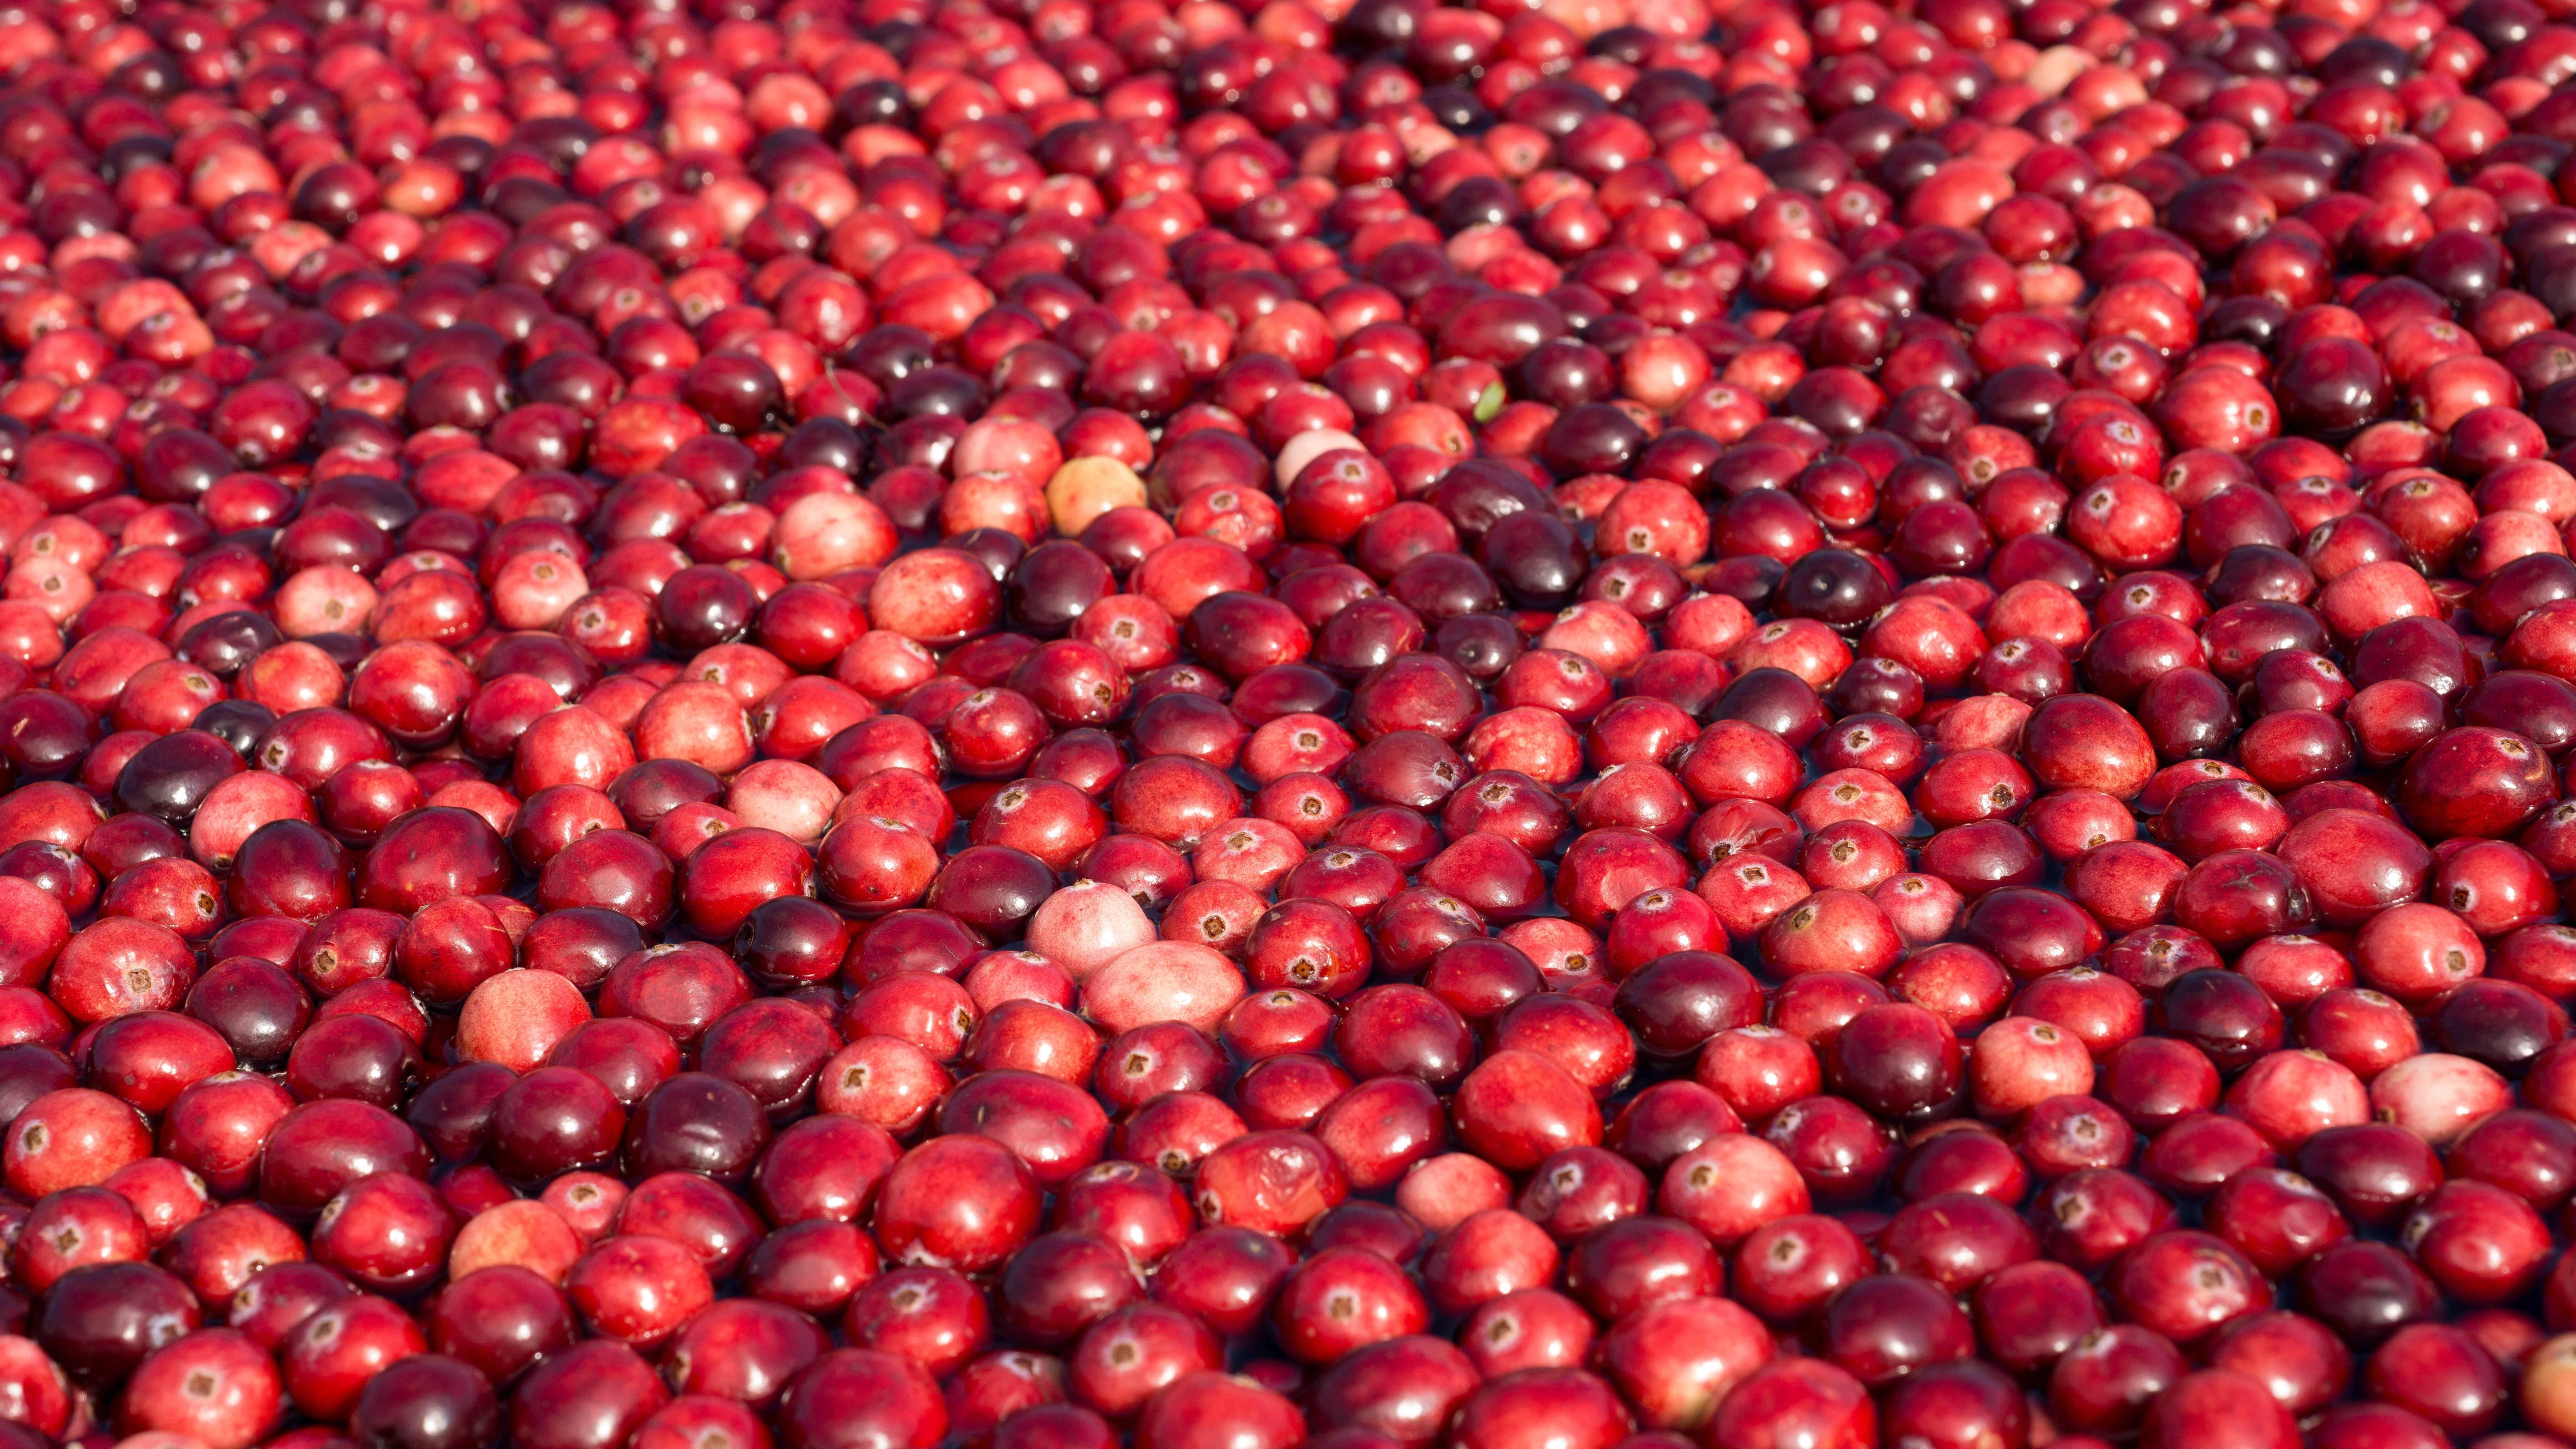 Mannose, ein Zucker, der gegen Blasenentzündung helfen kann,  ist auch in Cranberries enthalten.